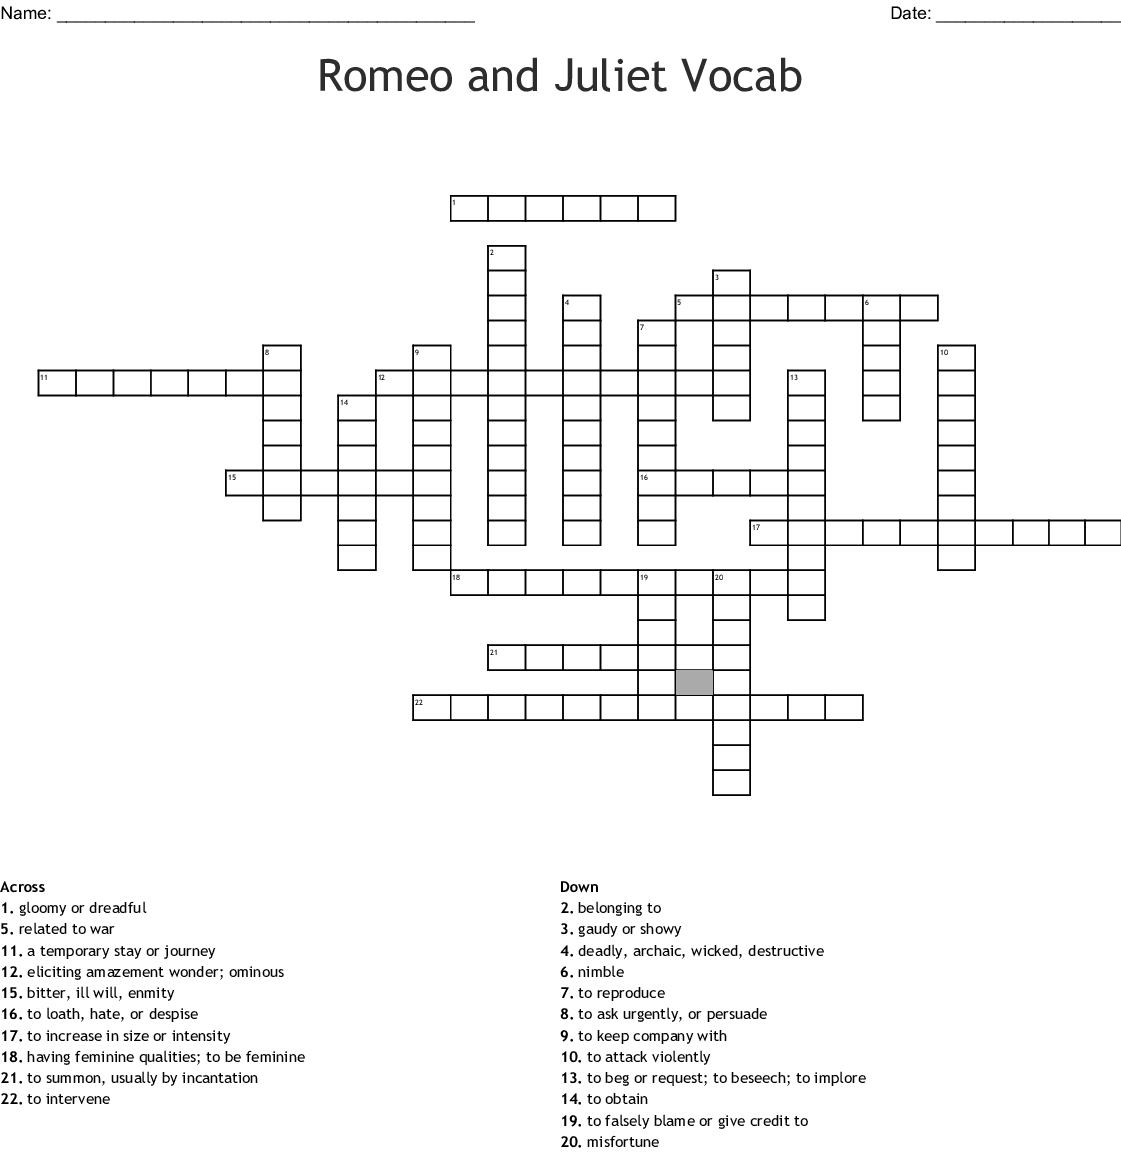 Romeo And Juliet: Act 2 Crossword - WordMint